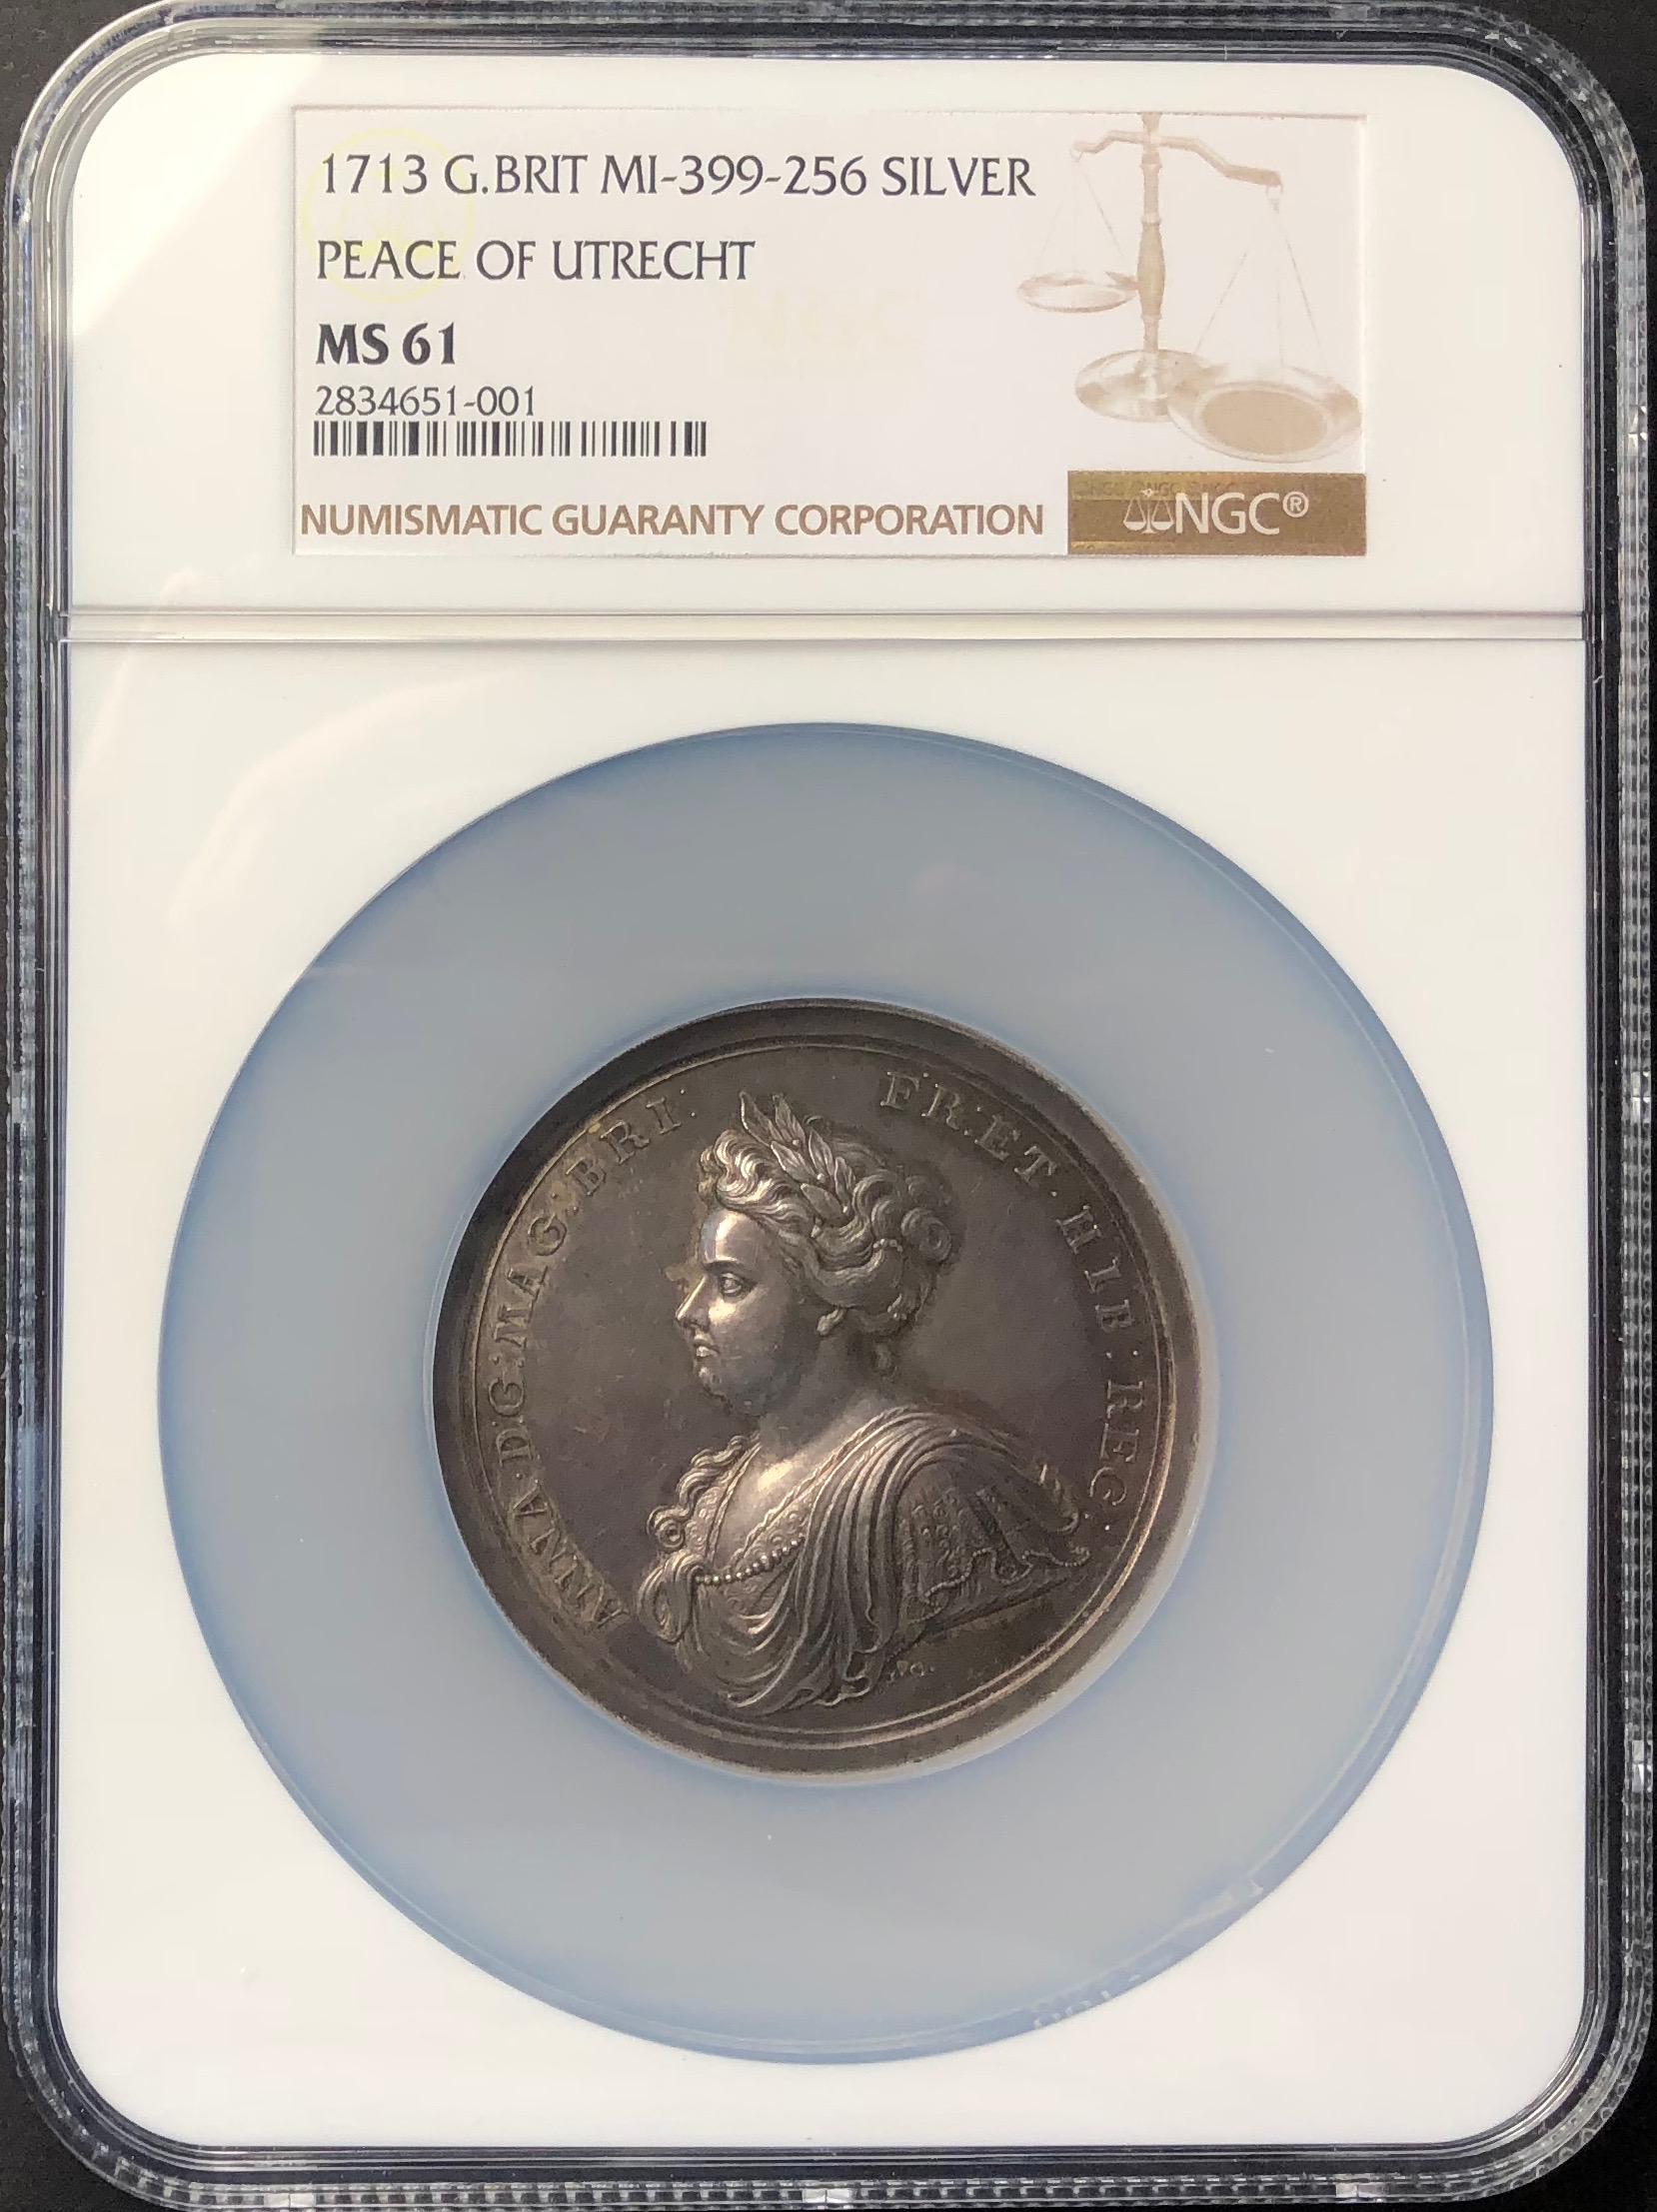 イギリス1713年アン女王ユトレヒト大型銀メダルMS61画像